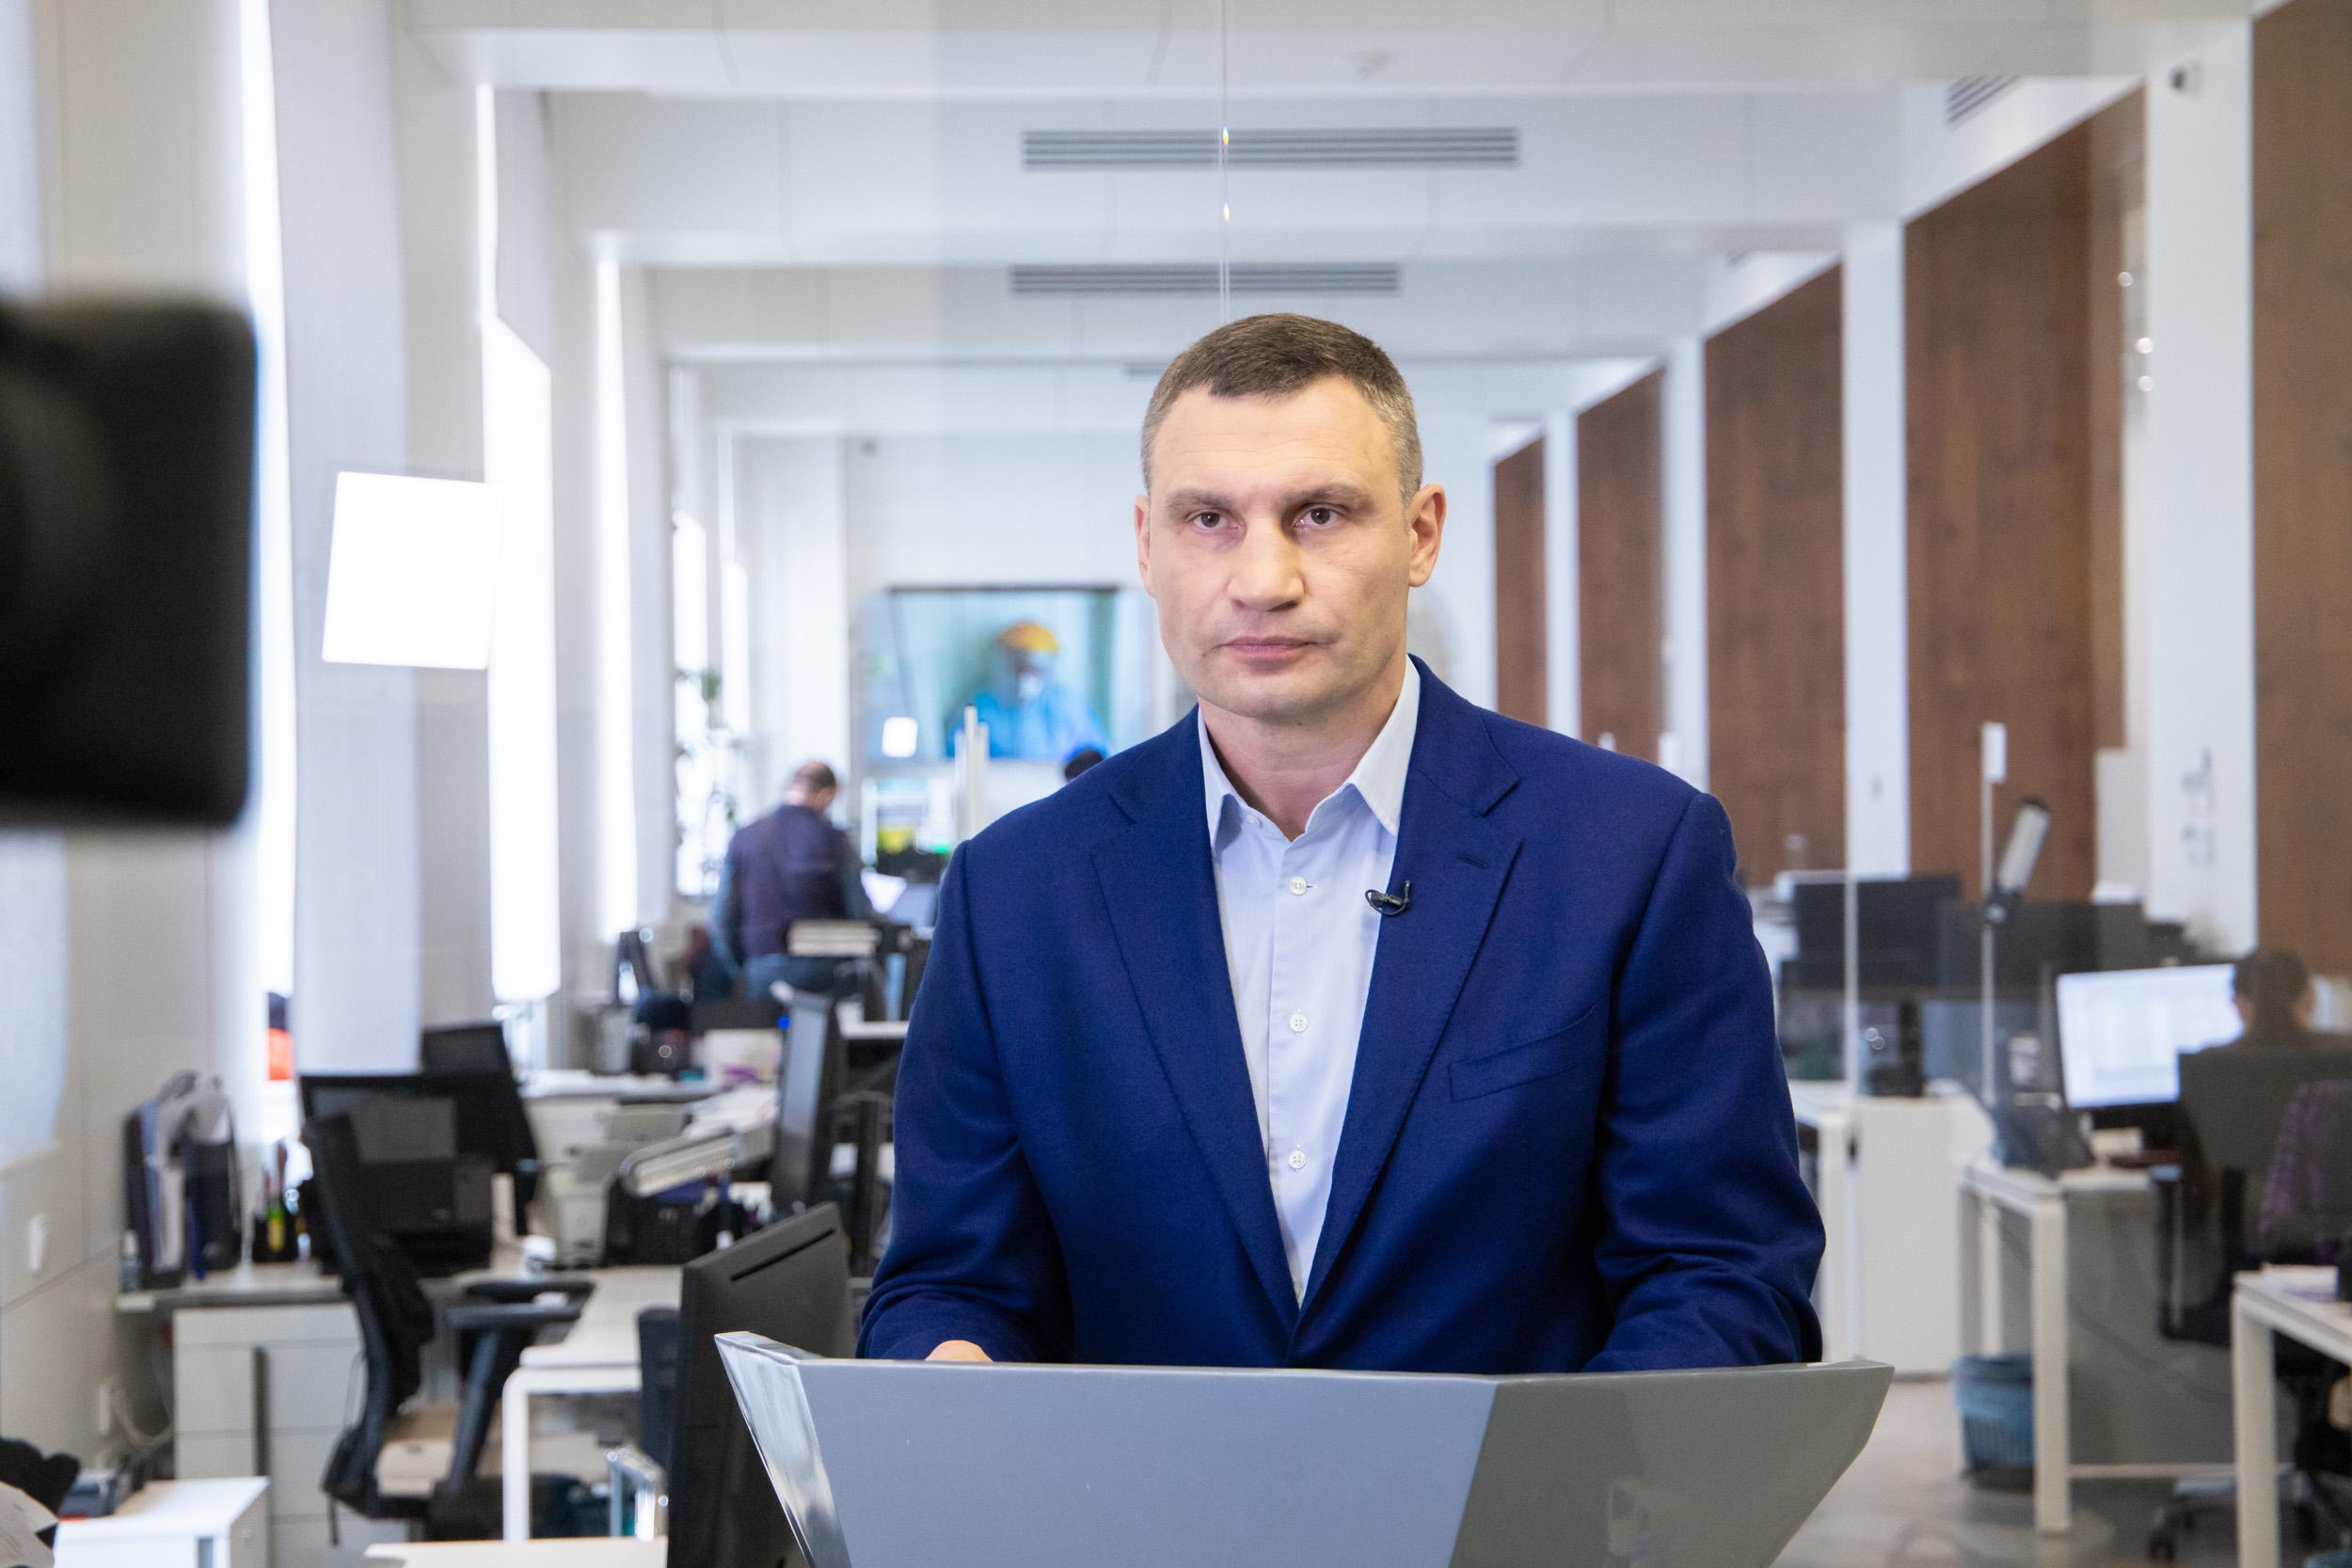 Ситуація з коронавірусом в Києві станом на 14 квітня: брифінг Віталія Кличка